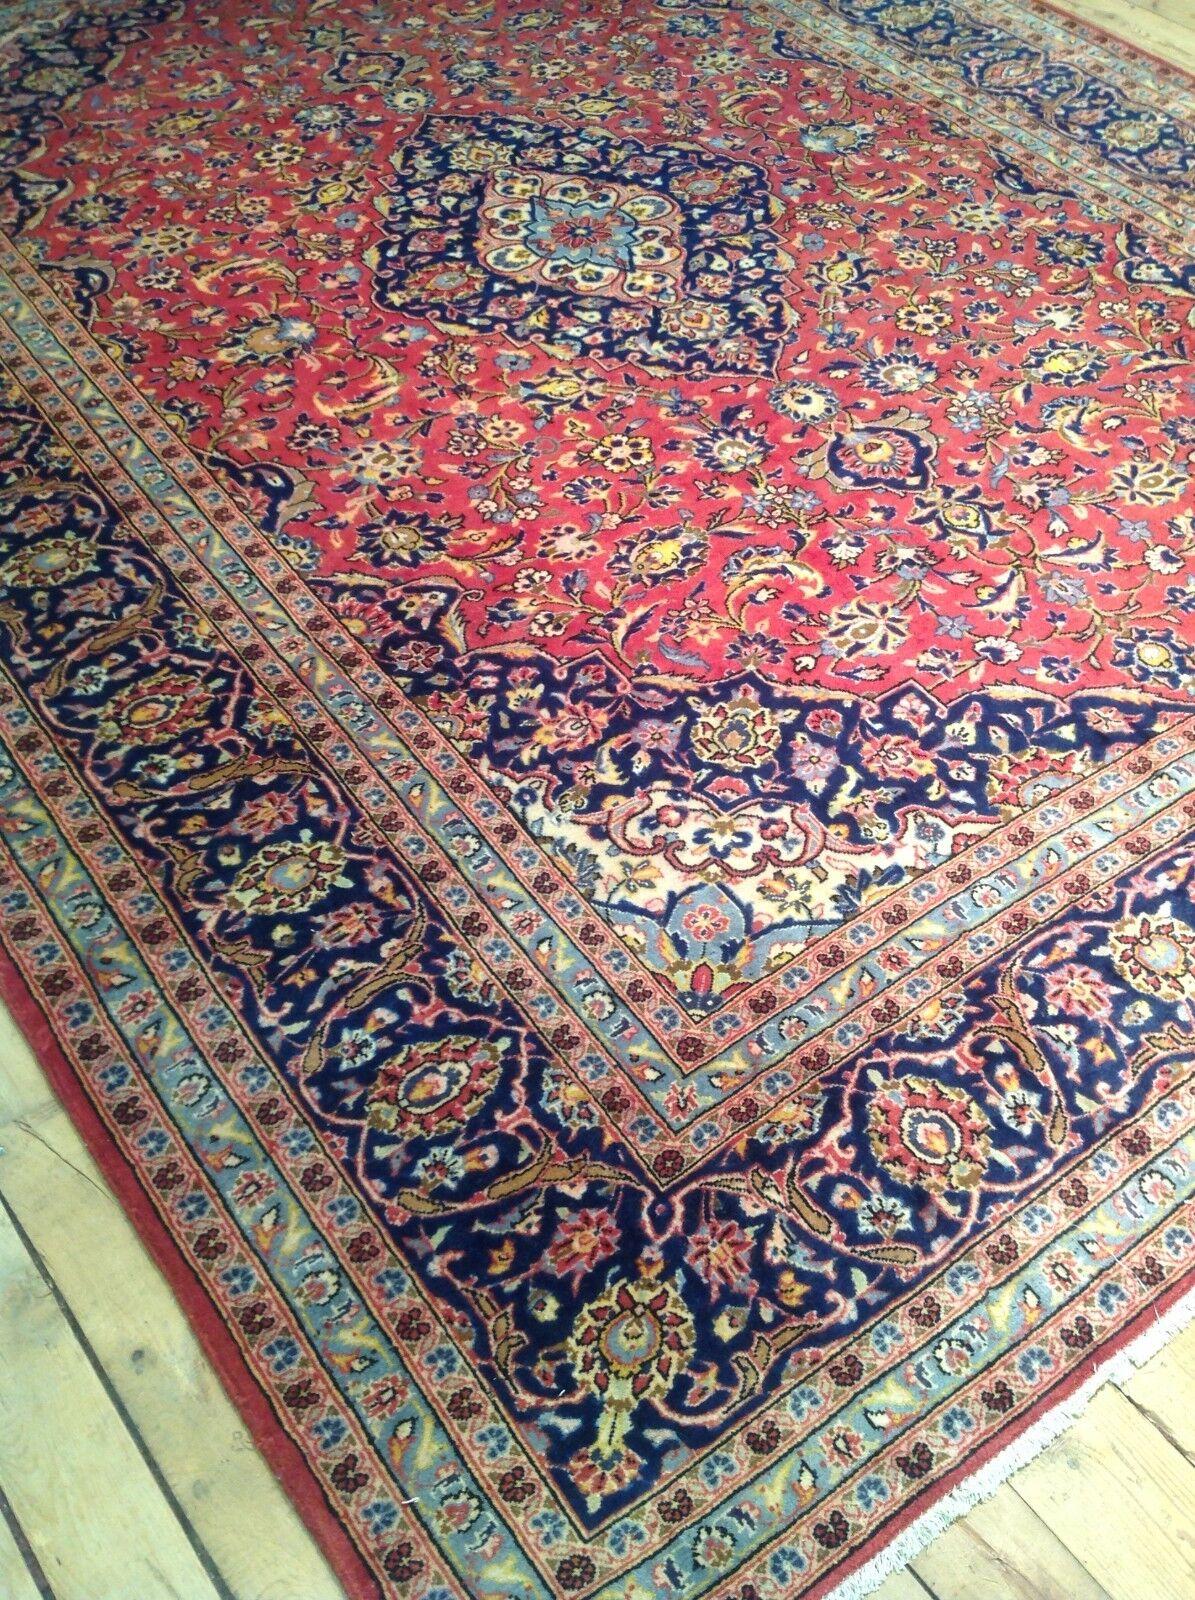 Magnifique Tapis état Oriental 340 x 255 cm Persan excellent état Tapis comme neuf 2063f2